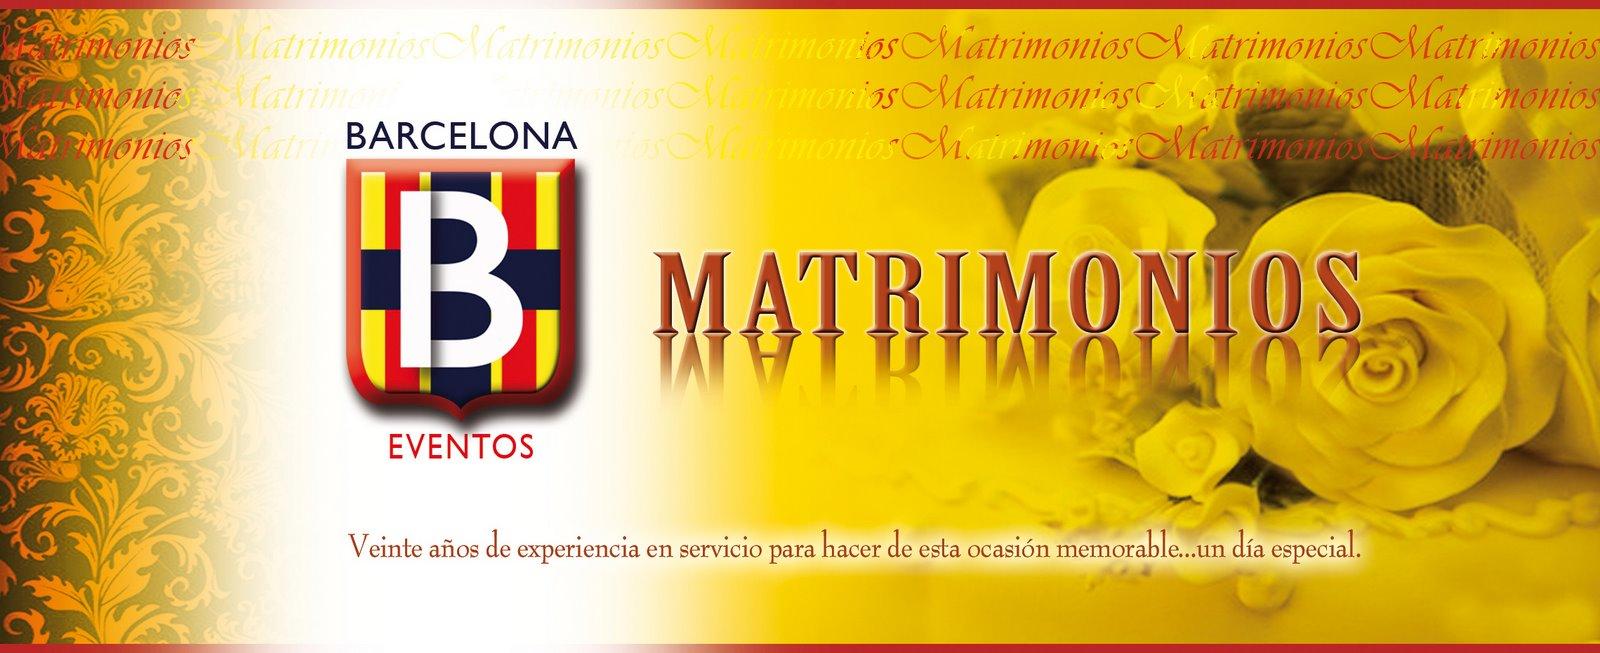 MATRIMONIOS BARCELONA EVENTOS